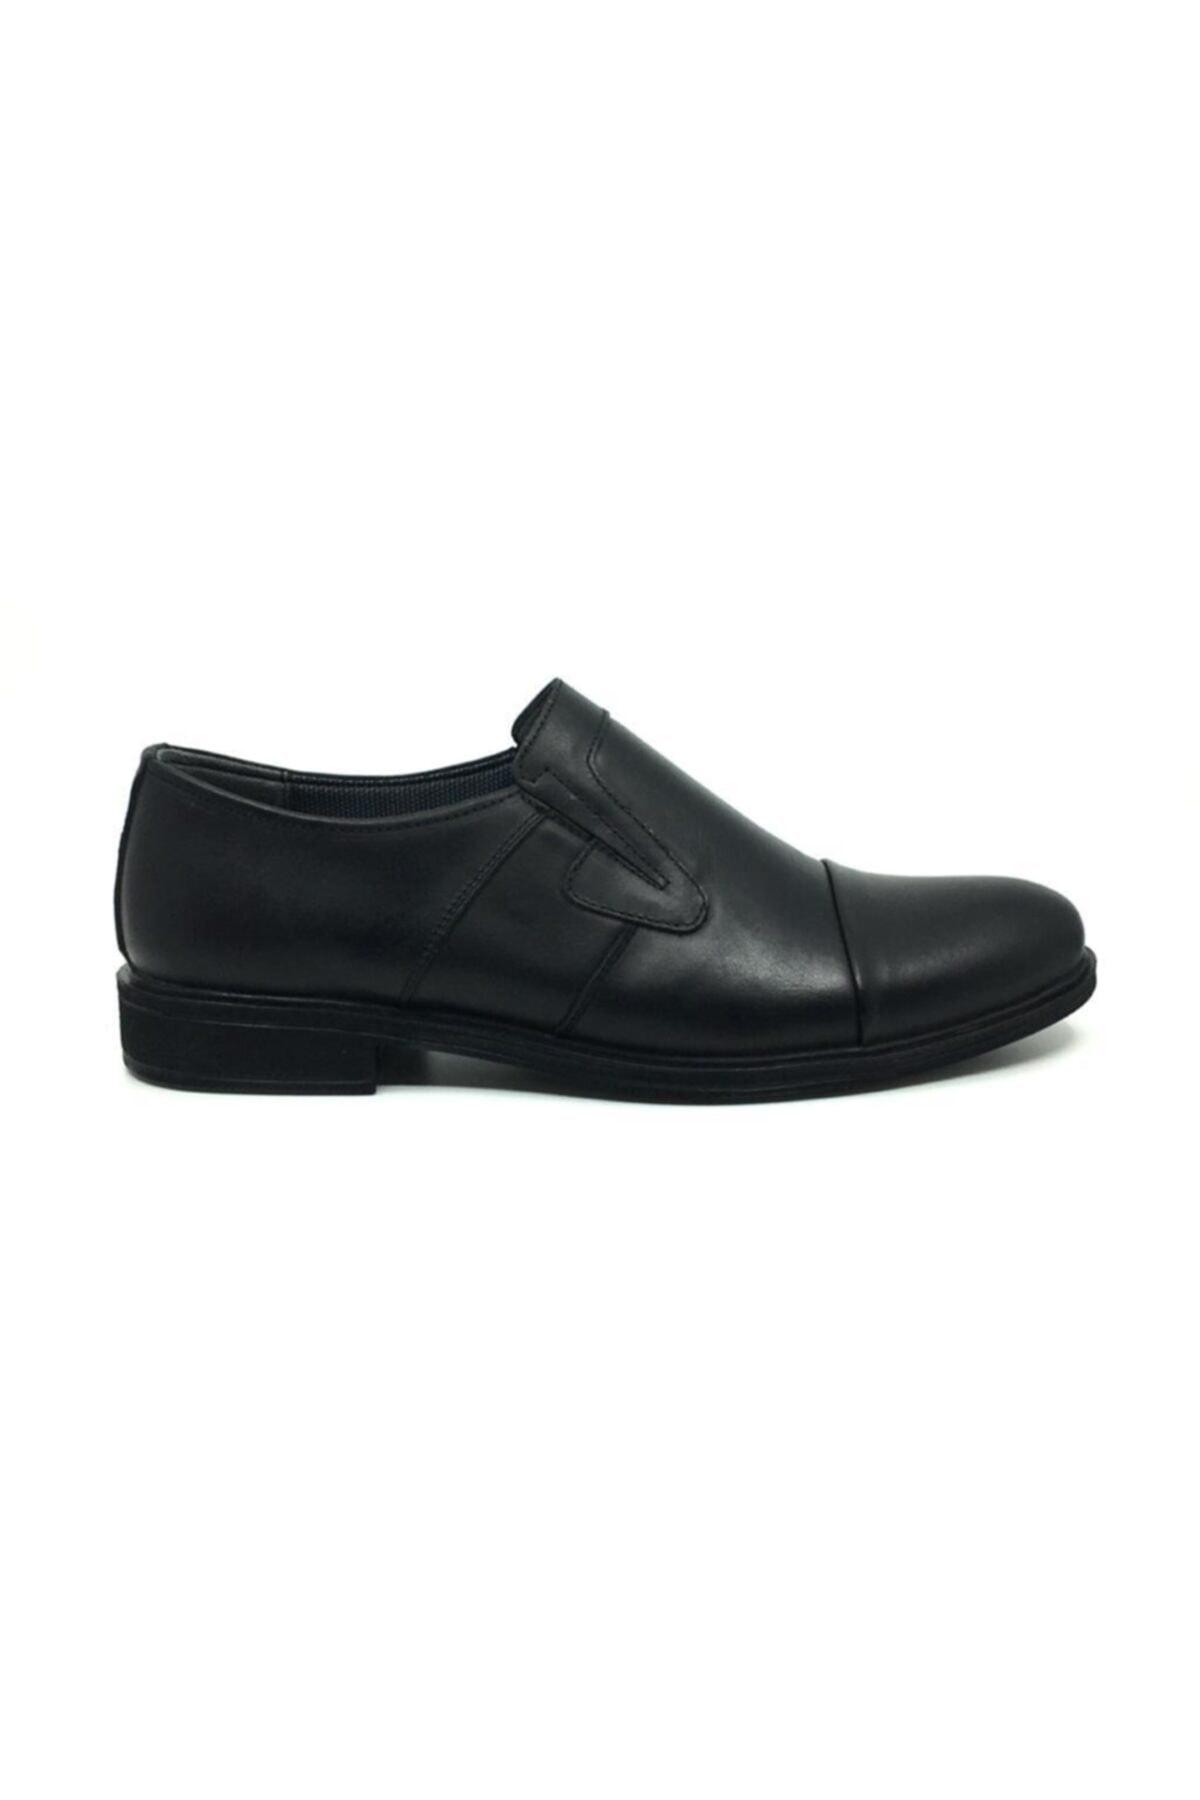 Taşpınar Erkek Siyah Deri  Klasik Ayakkabı 2